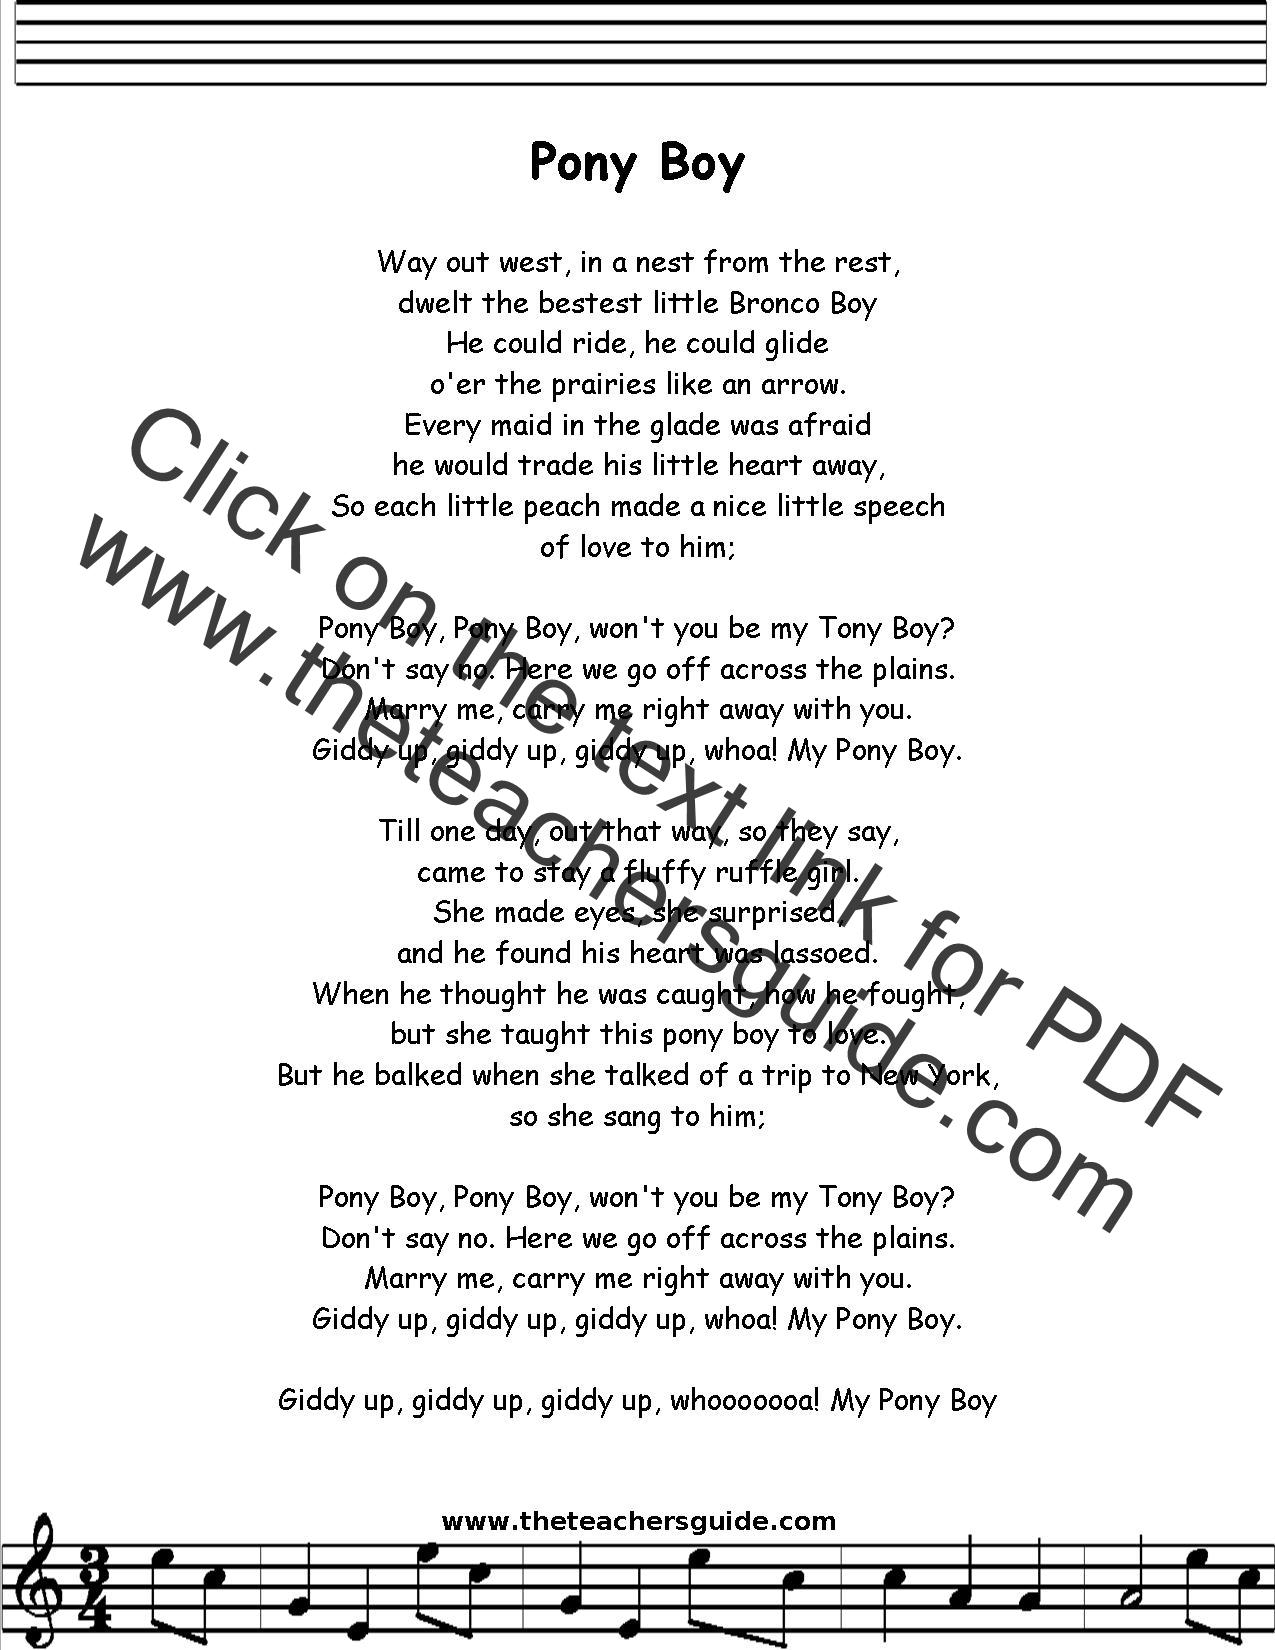 William Singe - Pony Lyrics - YouTube